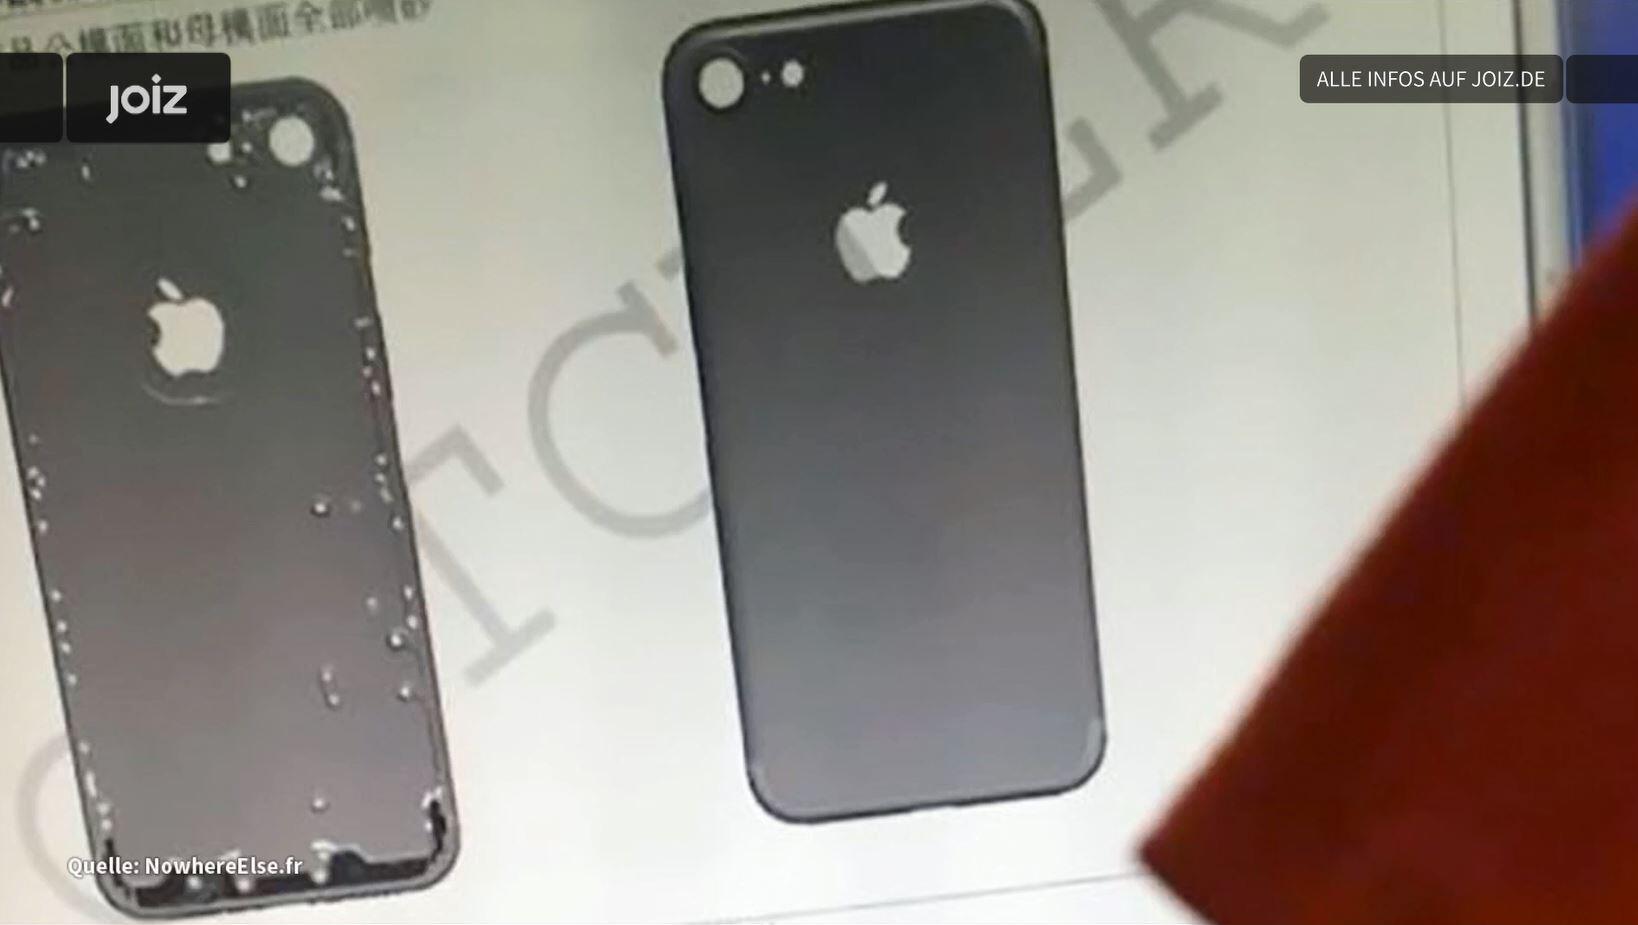 Bild zu IPhone 7 Joiz